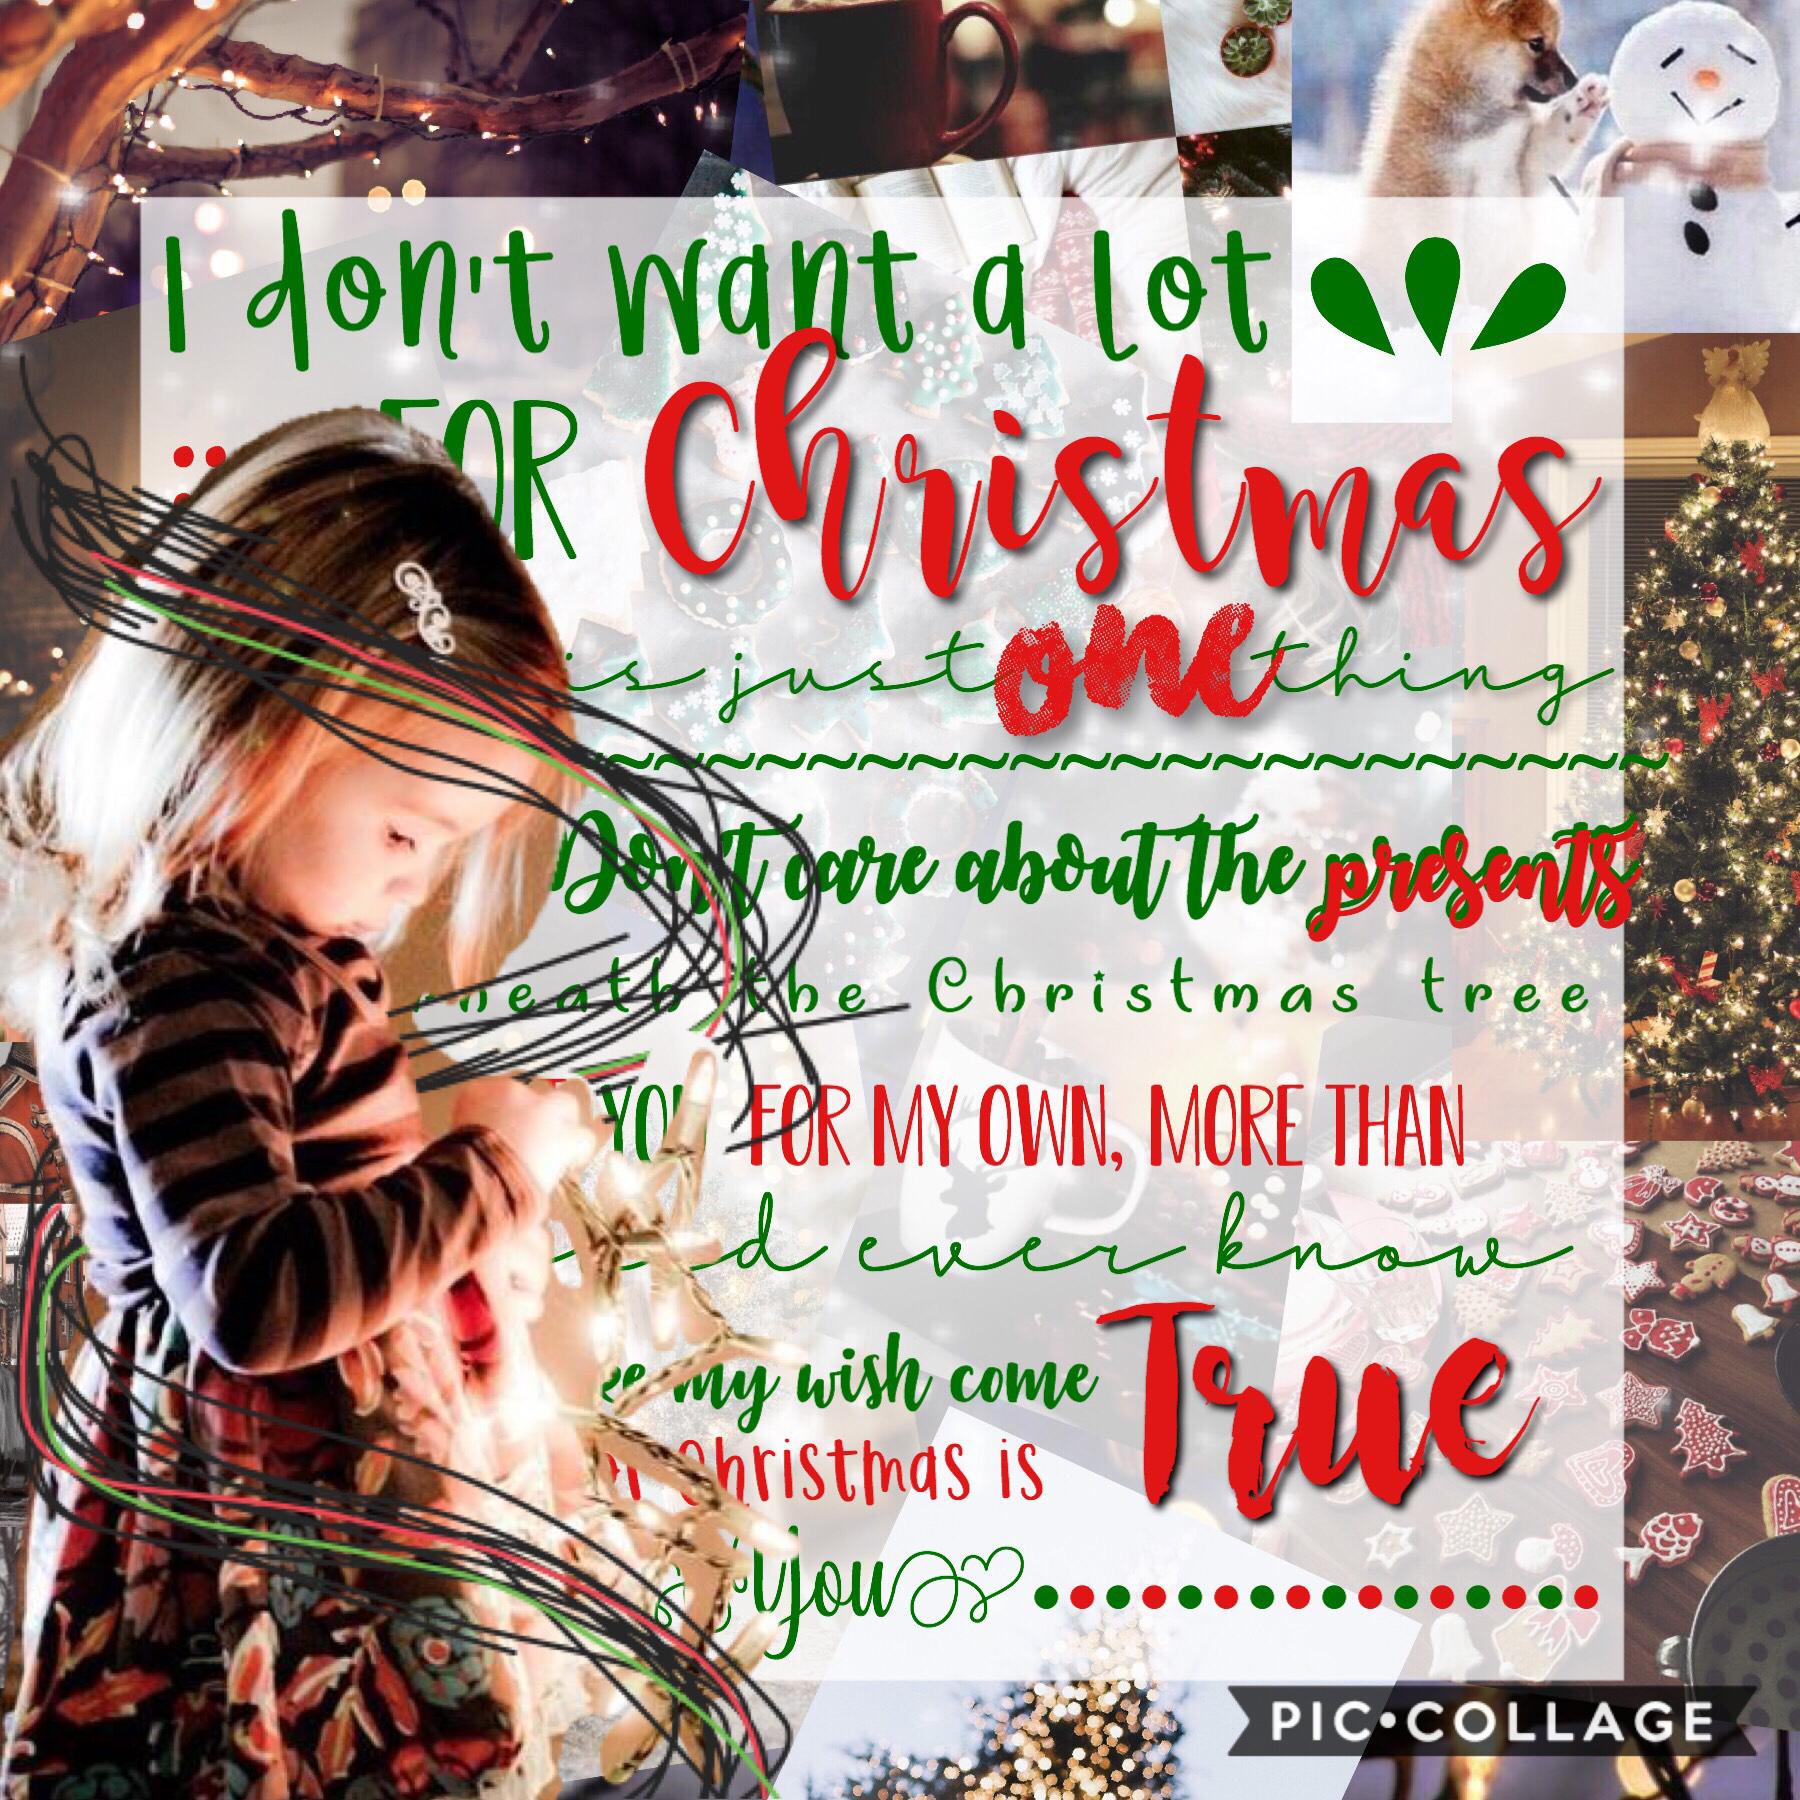 Ahhh I can't wait til Christmas (15/12/18)